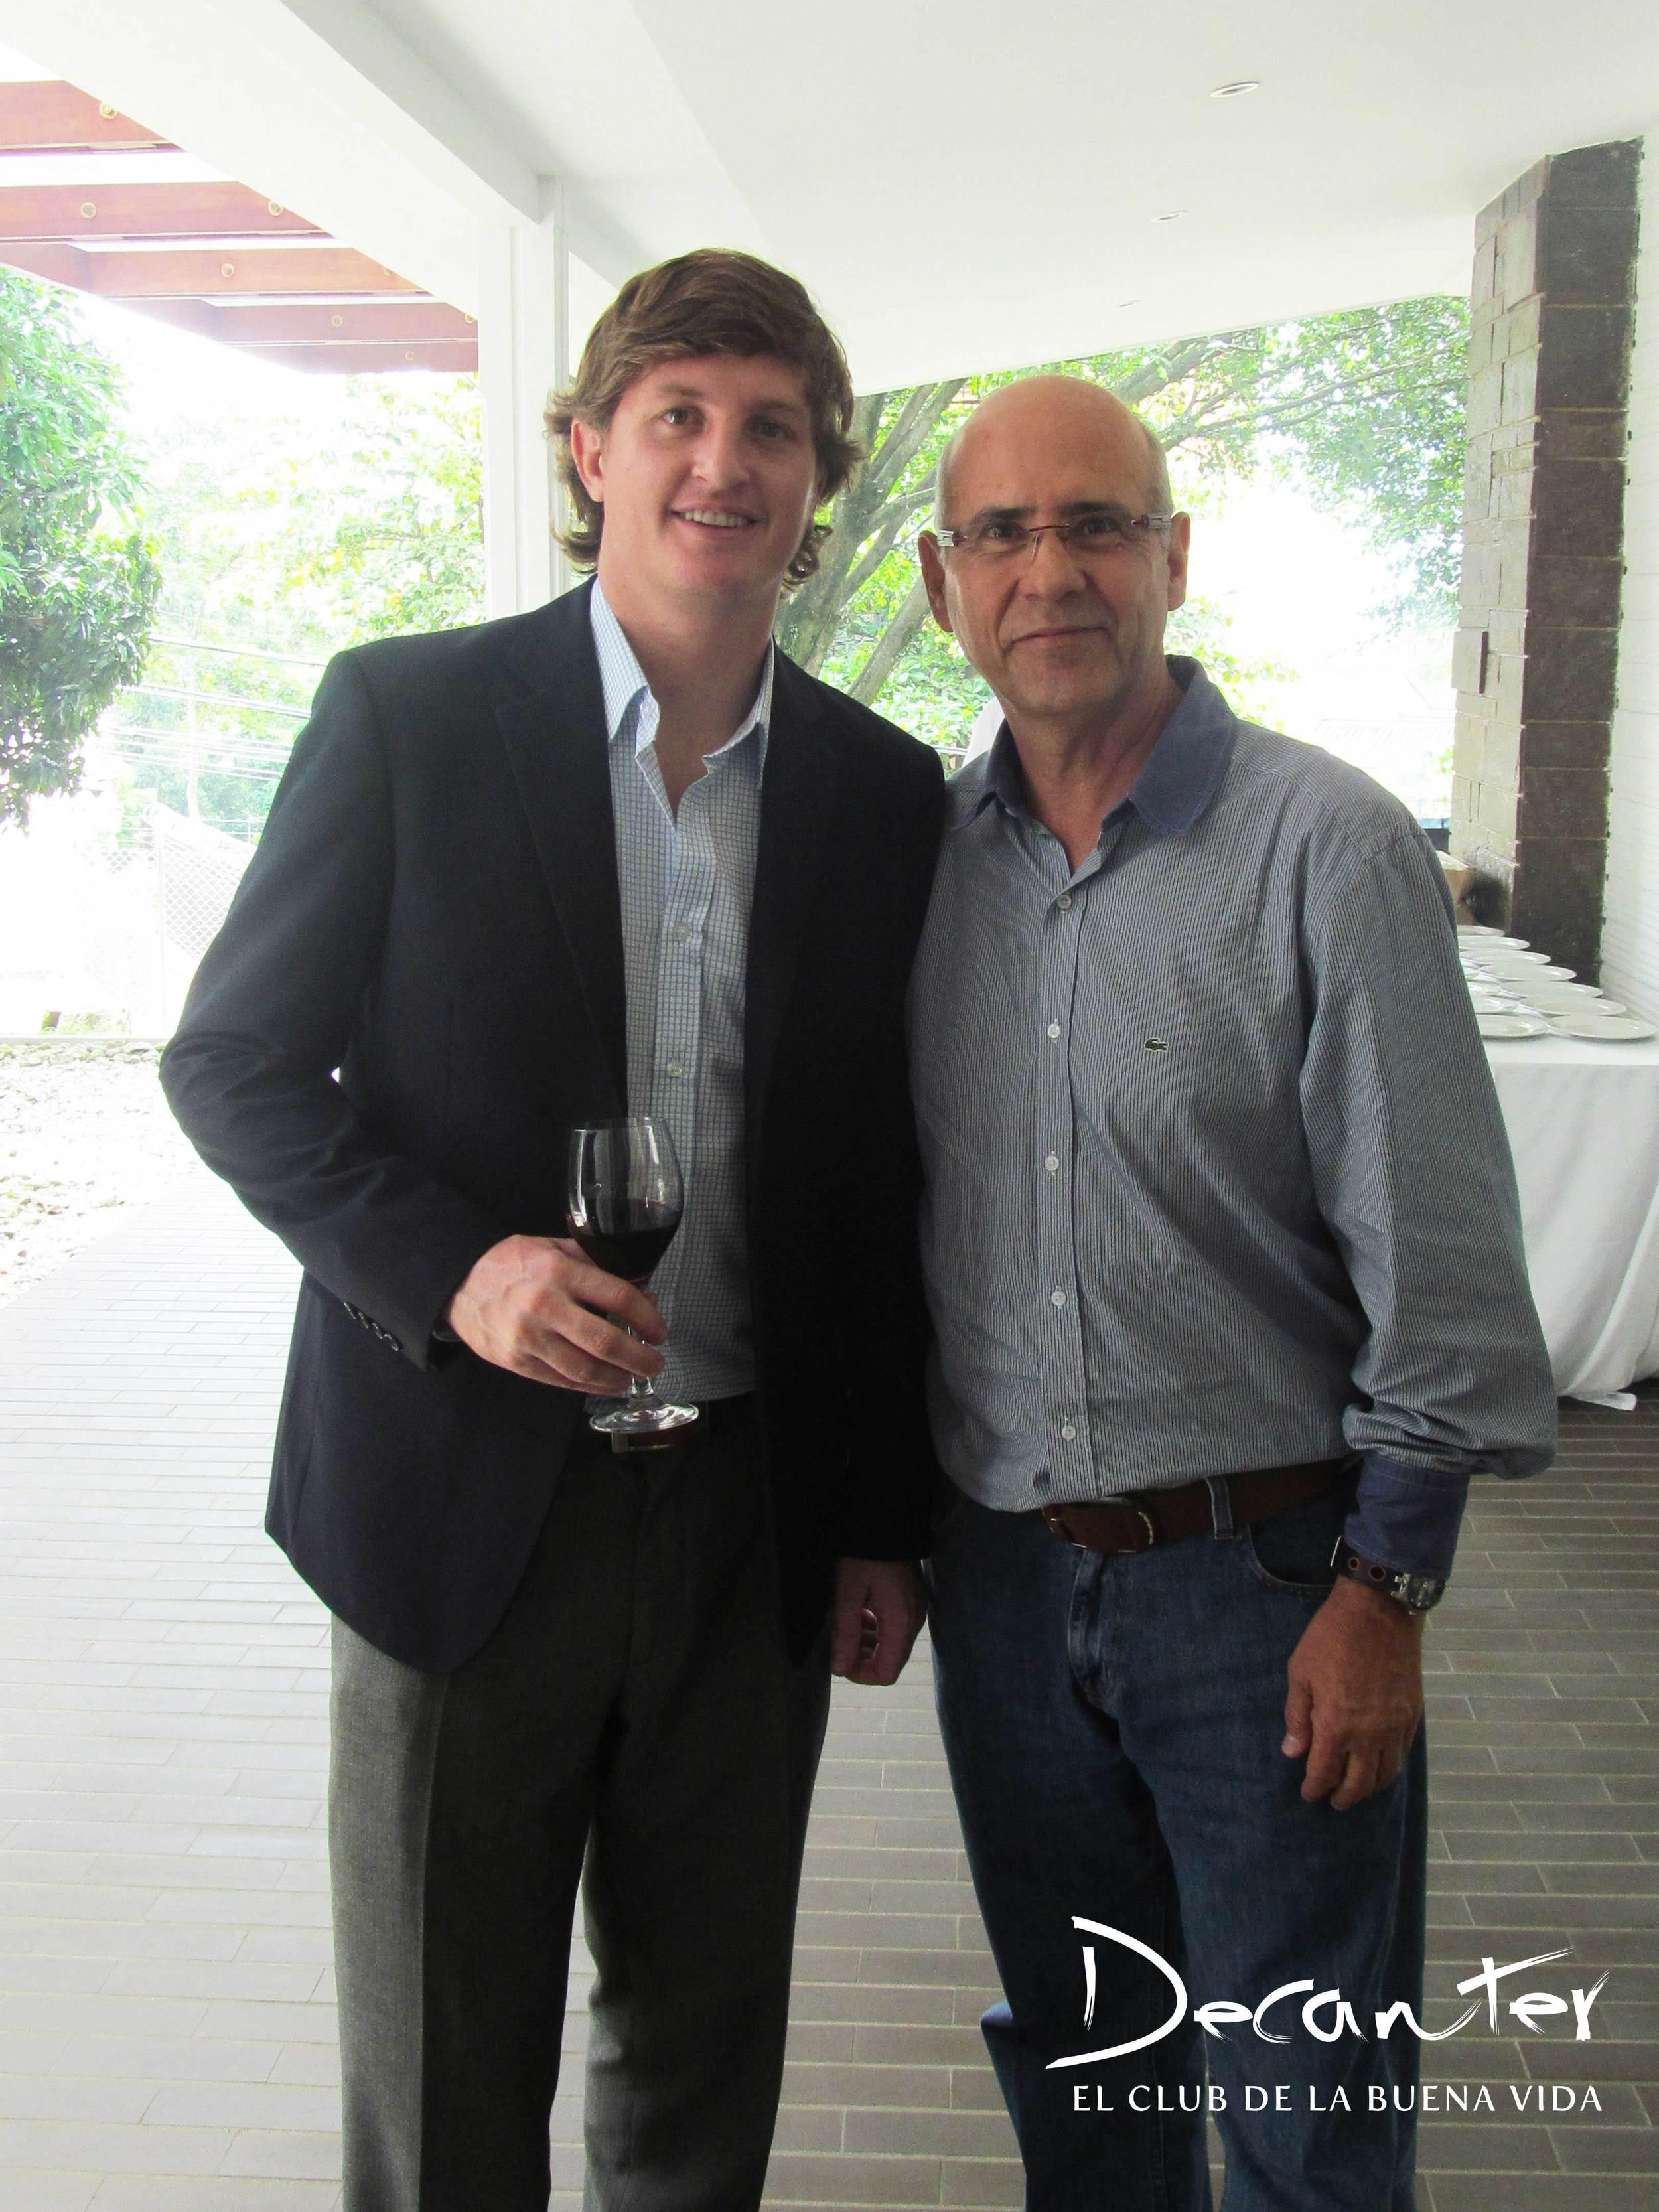 Diego Pulenta y Raúl Caro, uno de los suscriptores del Club de vinos Decanter invitados al evento de Medellín.